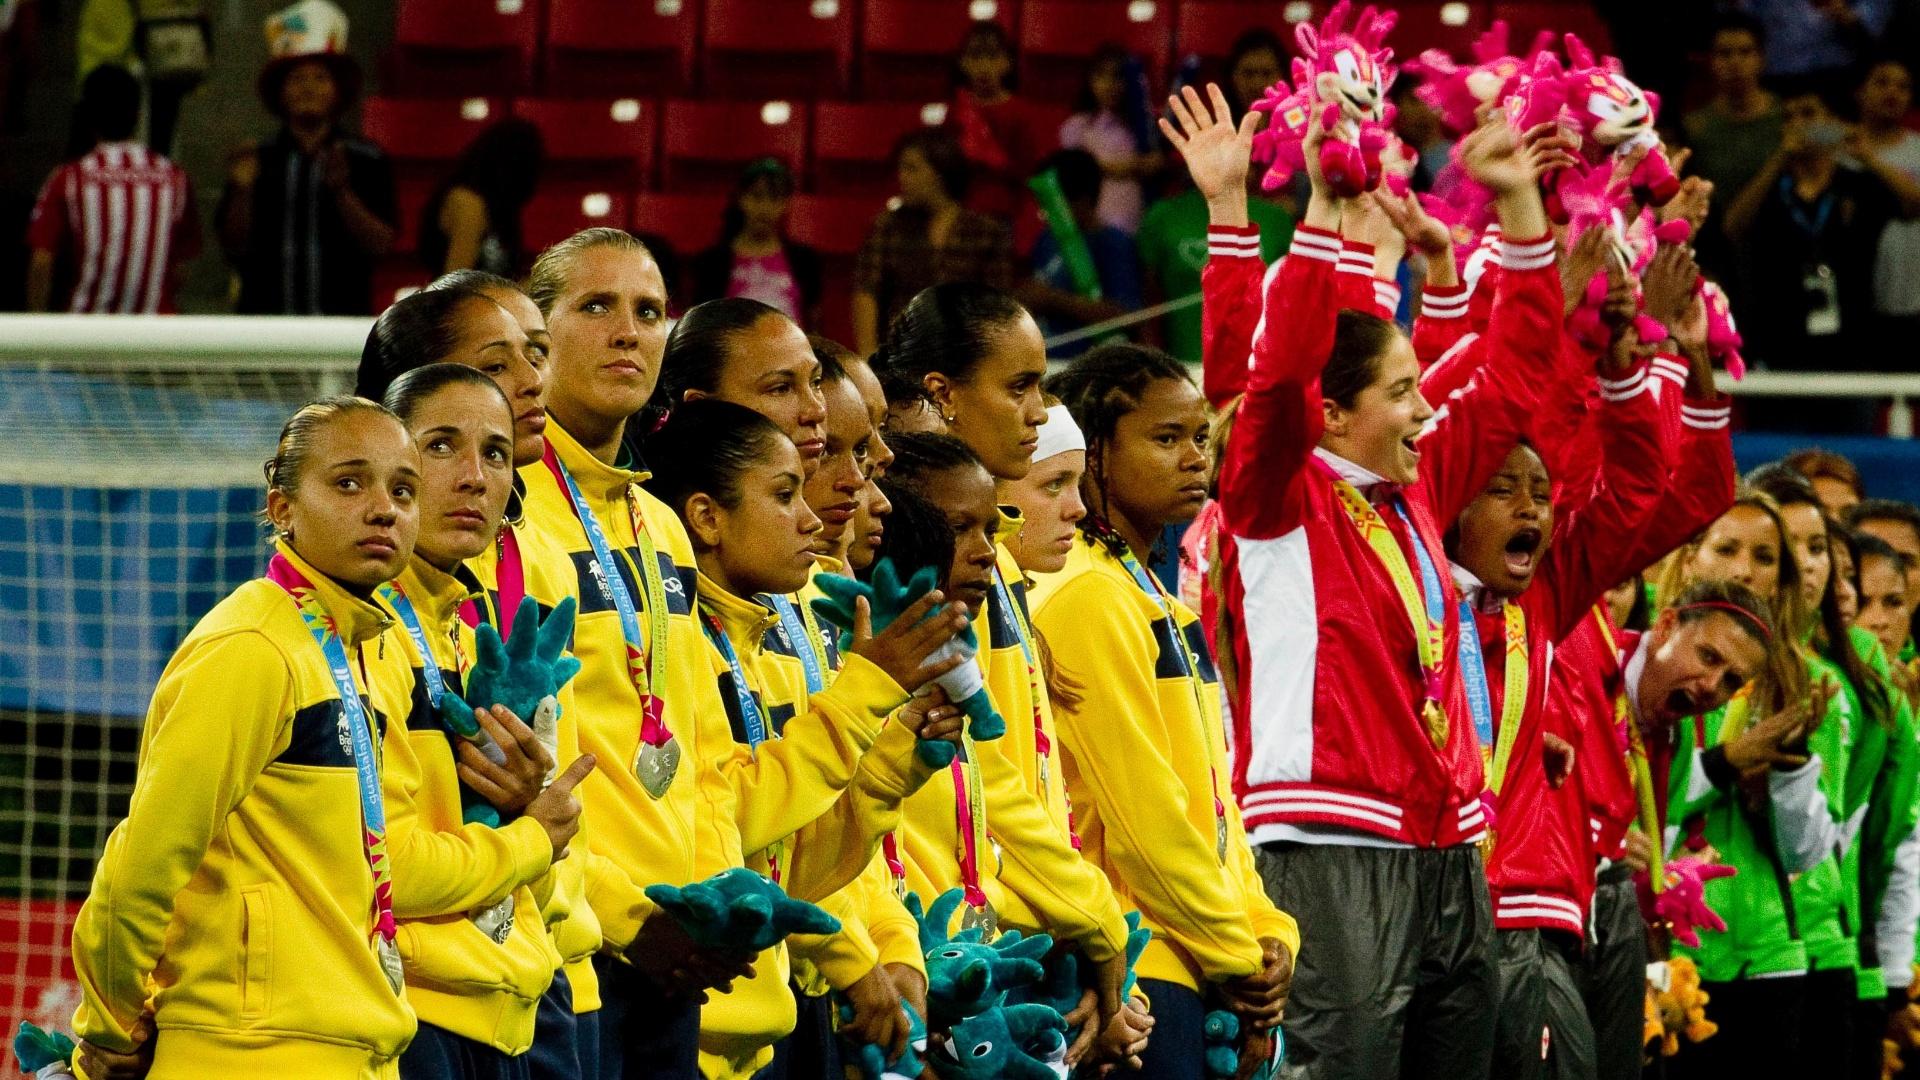 No pódio, brasileiras observam festa da seleção do Canadá após decisão no futebol feminino (27/10/2011)